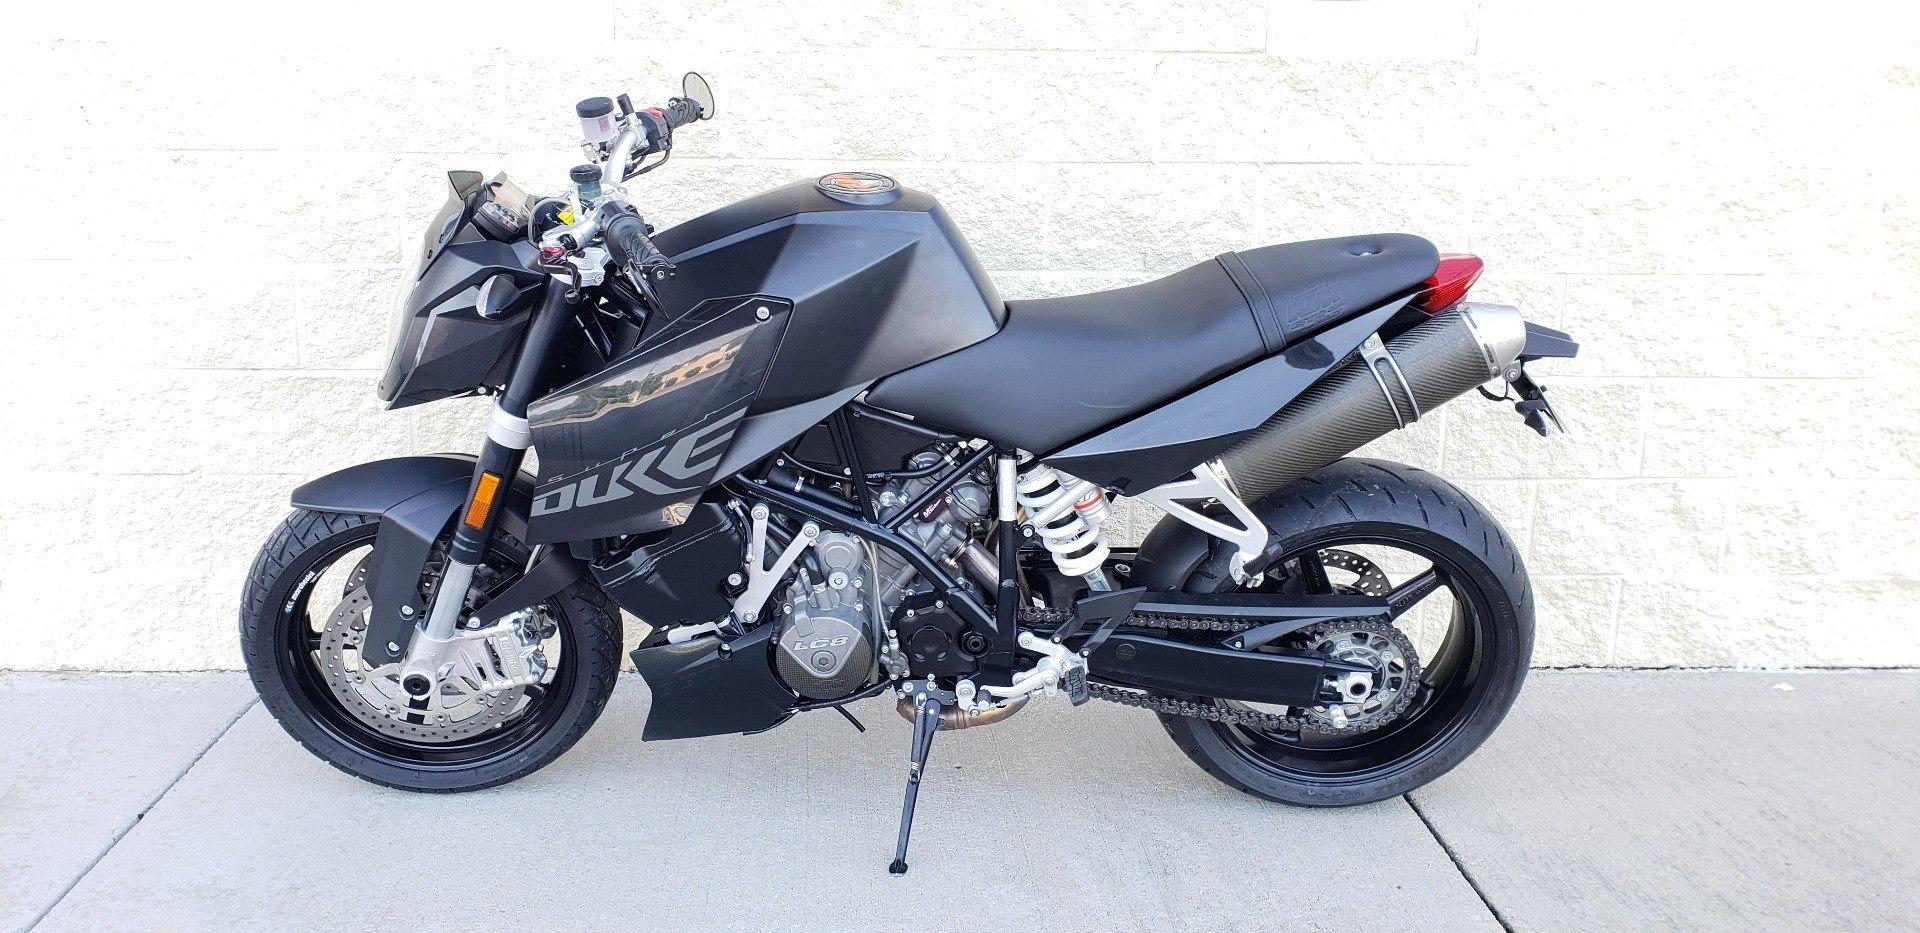 2008 KTM 990 Super Duke 4